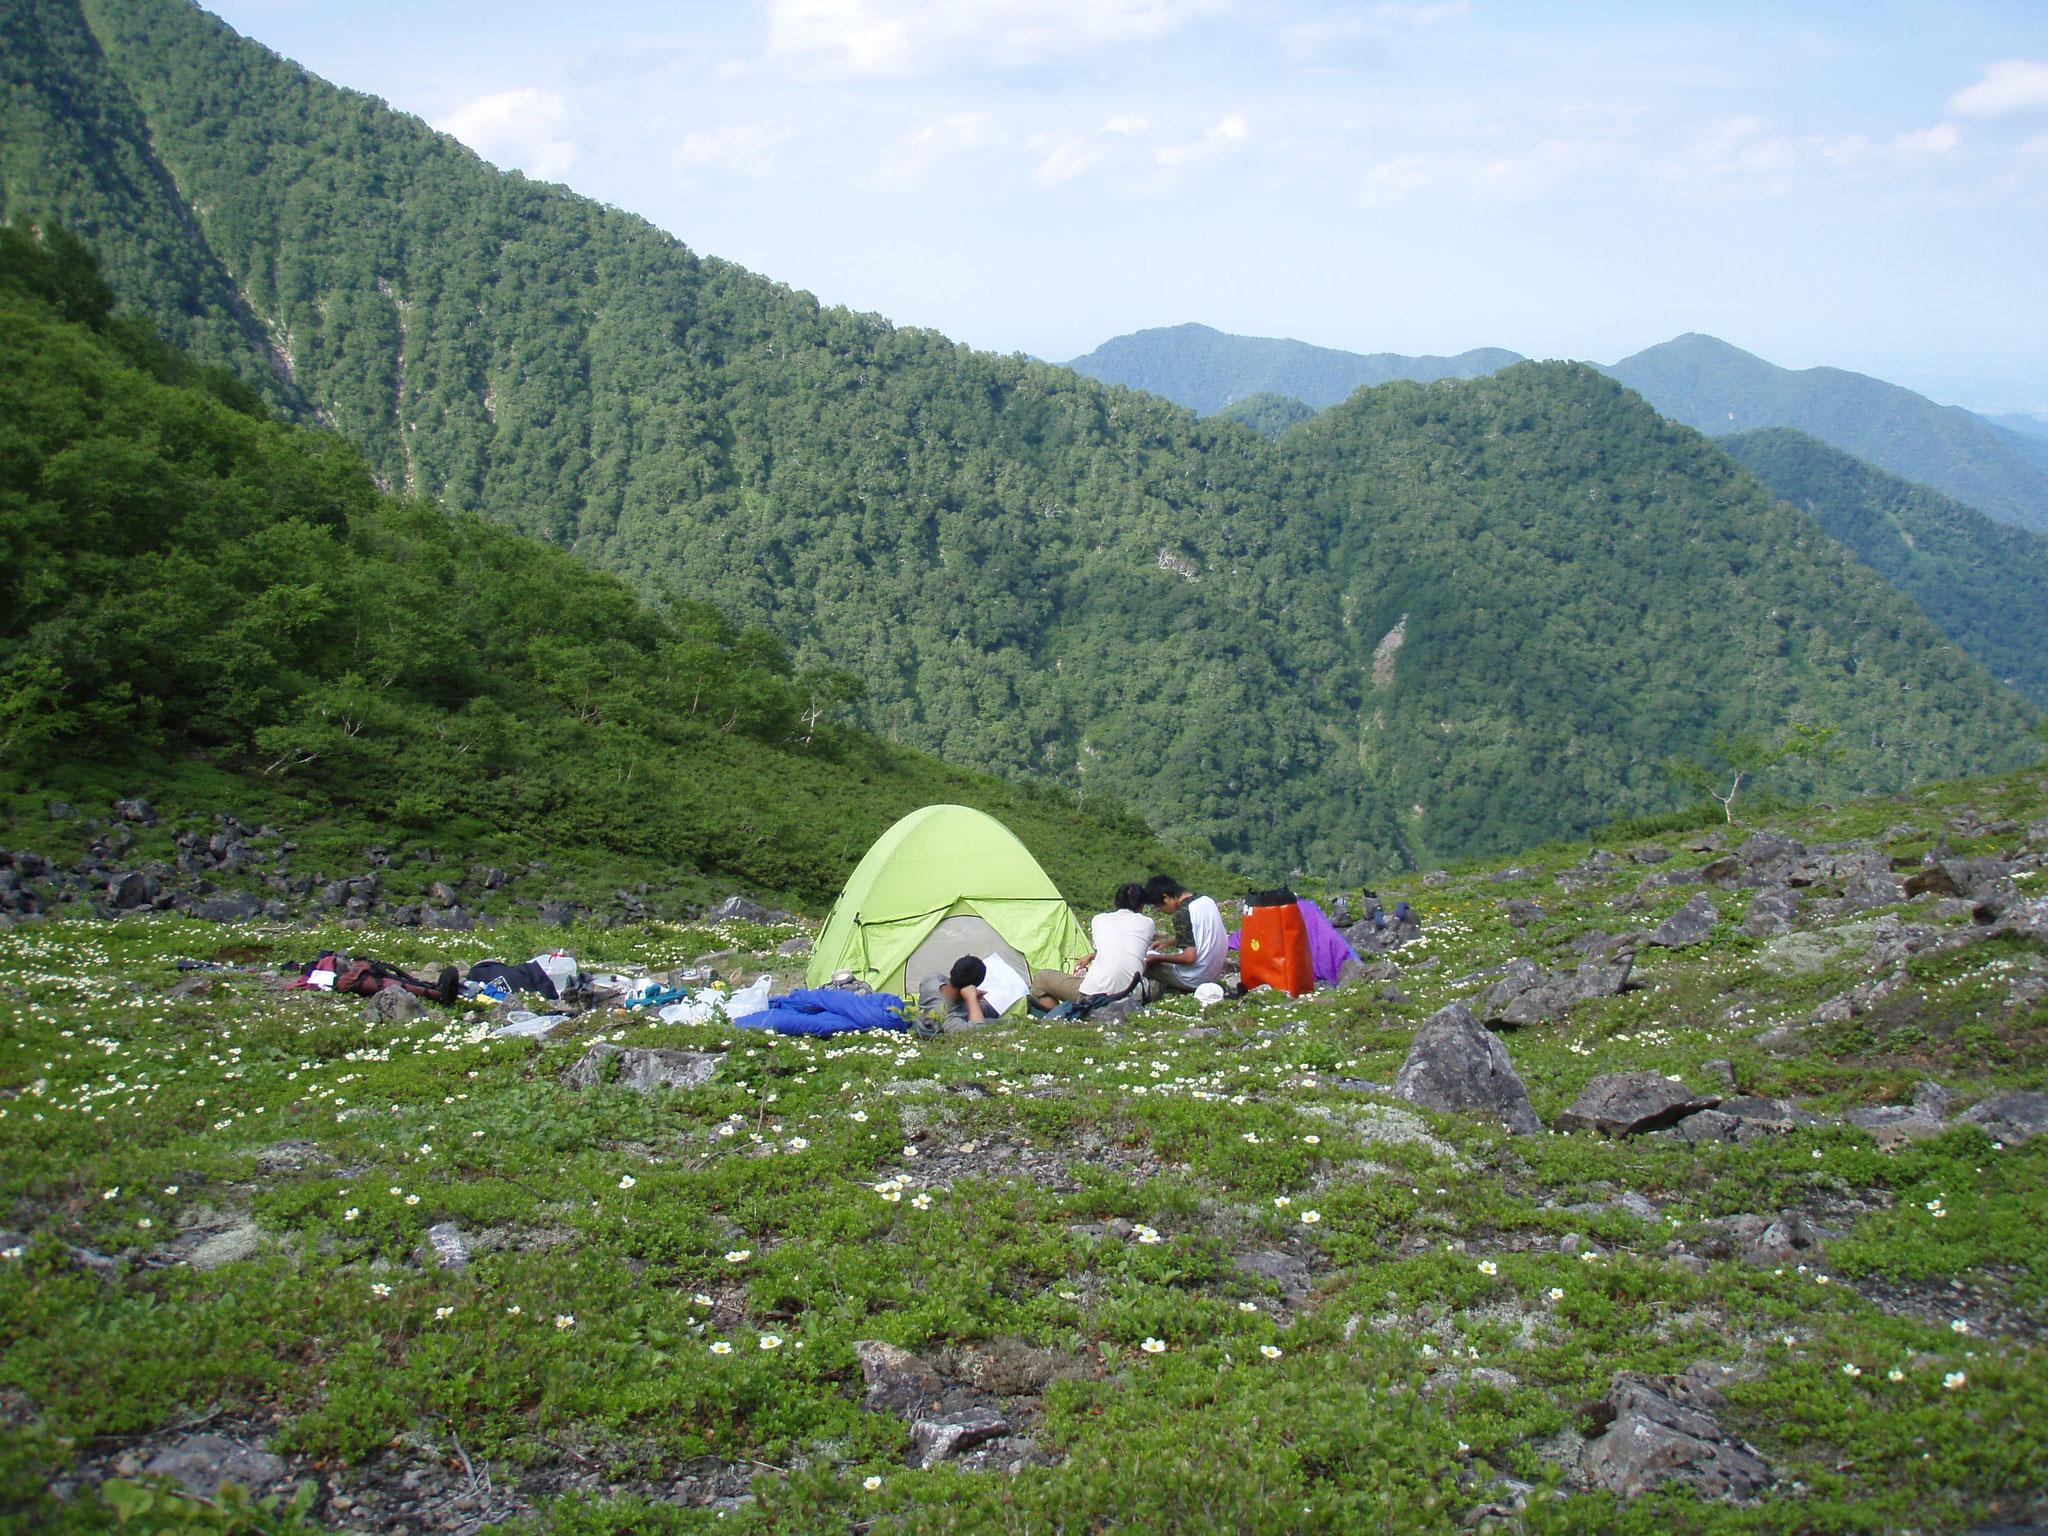 ぺテガリ岳Cカールキャンプ地 8月